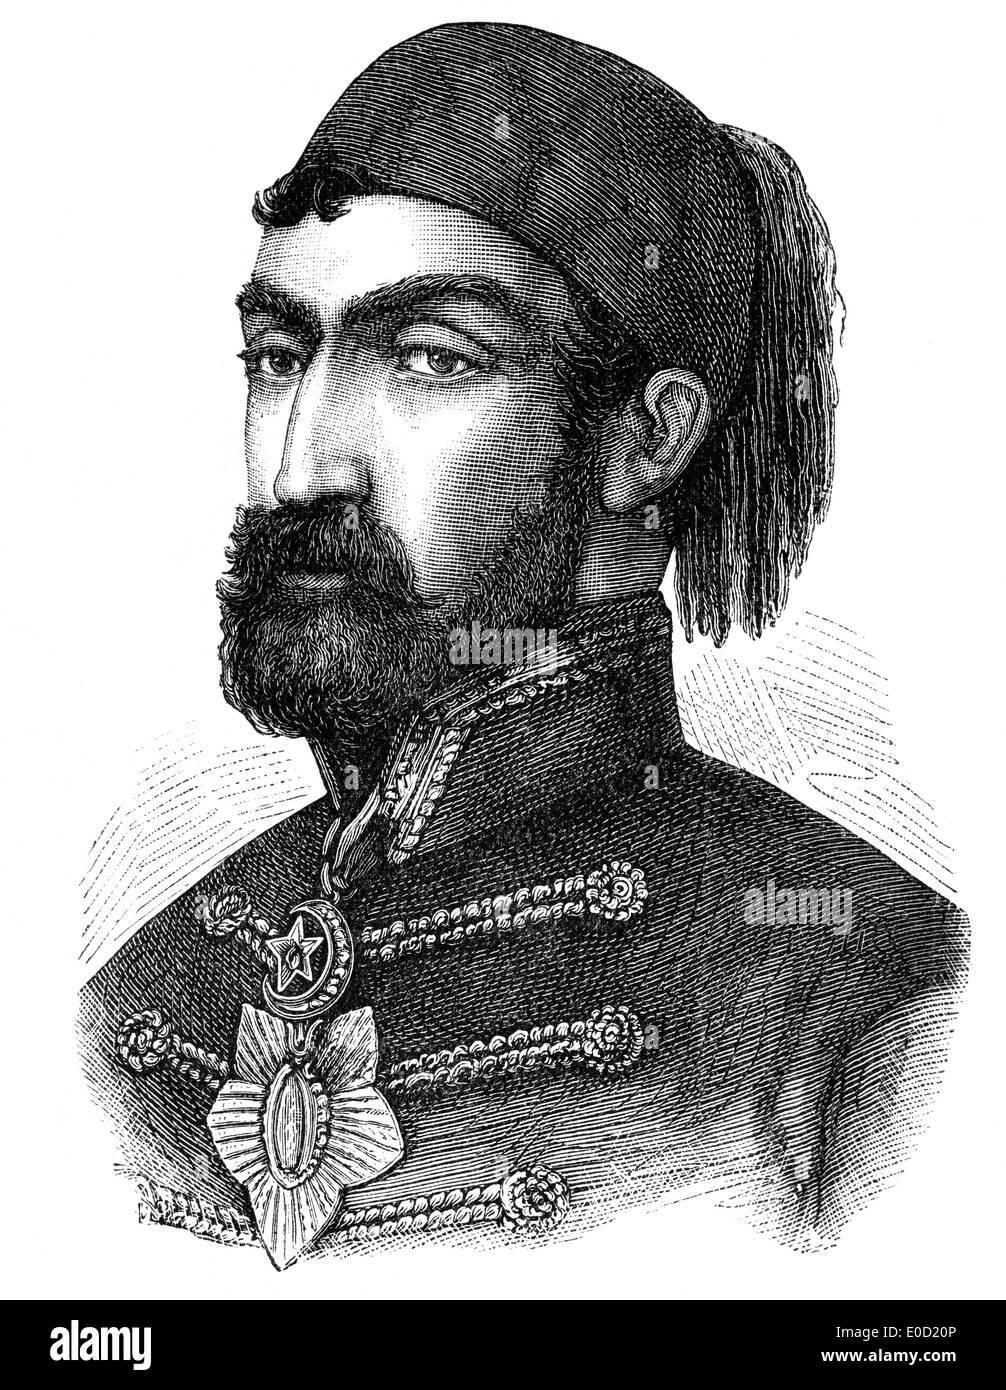 Omar Pasha o Omar Latas o Mihajlo Latas, 1806-1871, y el gobernador general otomano, comandante en la guerra de Crimea, 1853 - 1856 Foto de stock